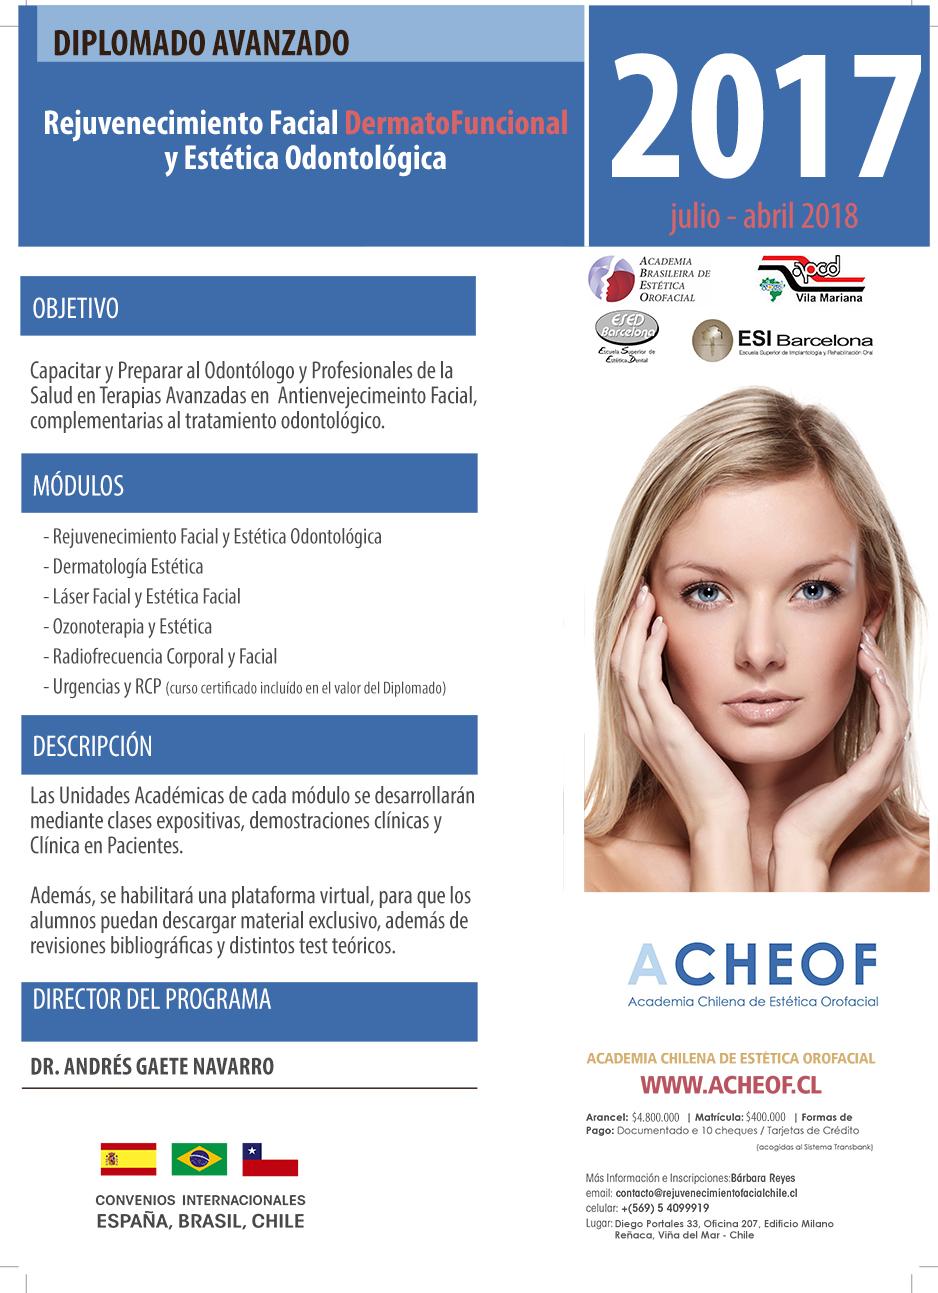 rejuvenecimiento-facial_diplomado-avanzado-2017